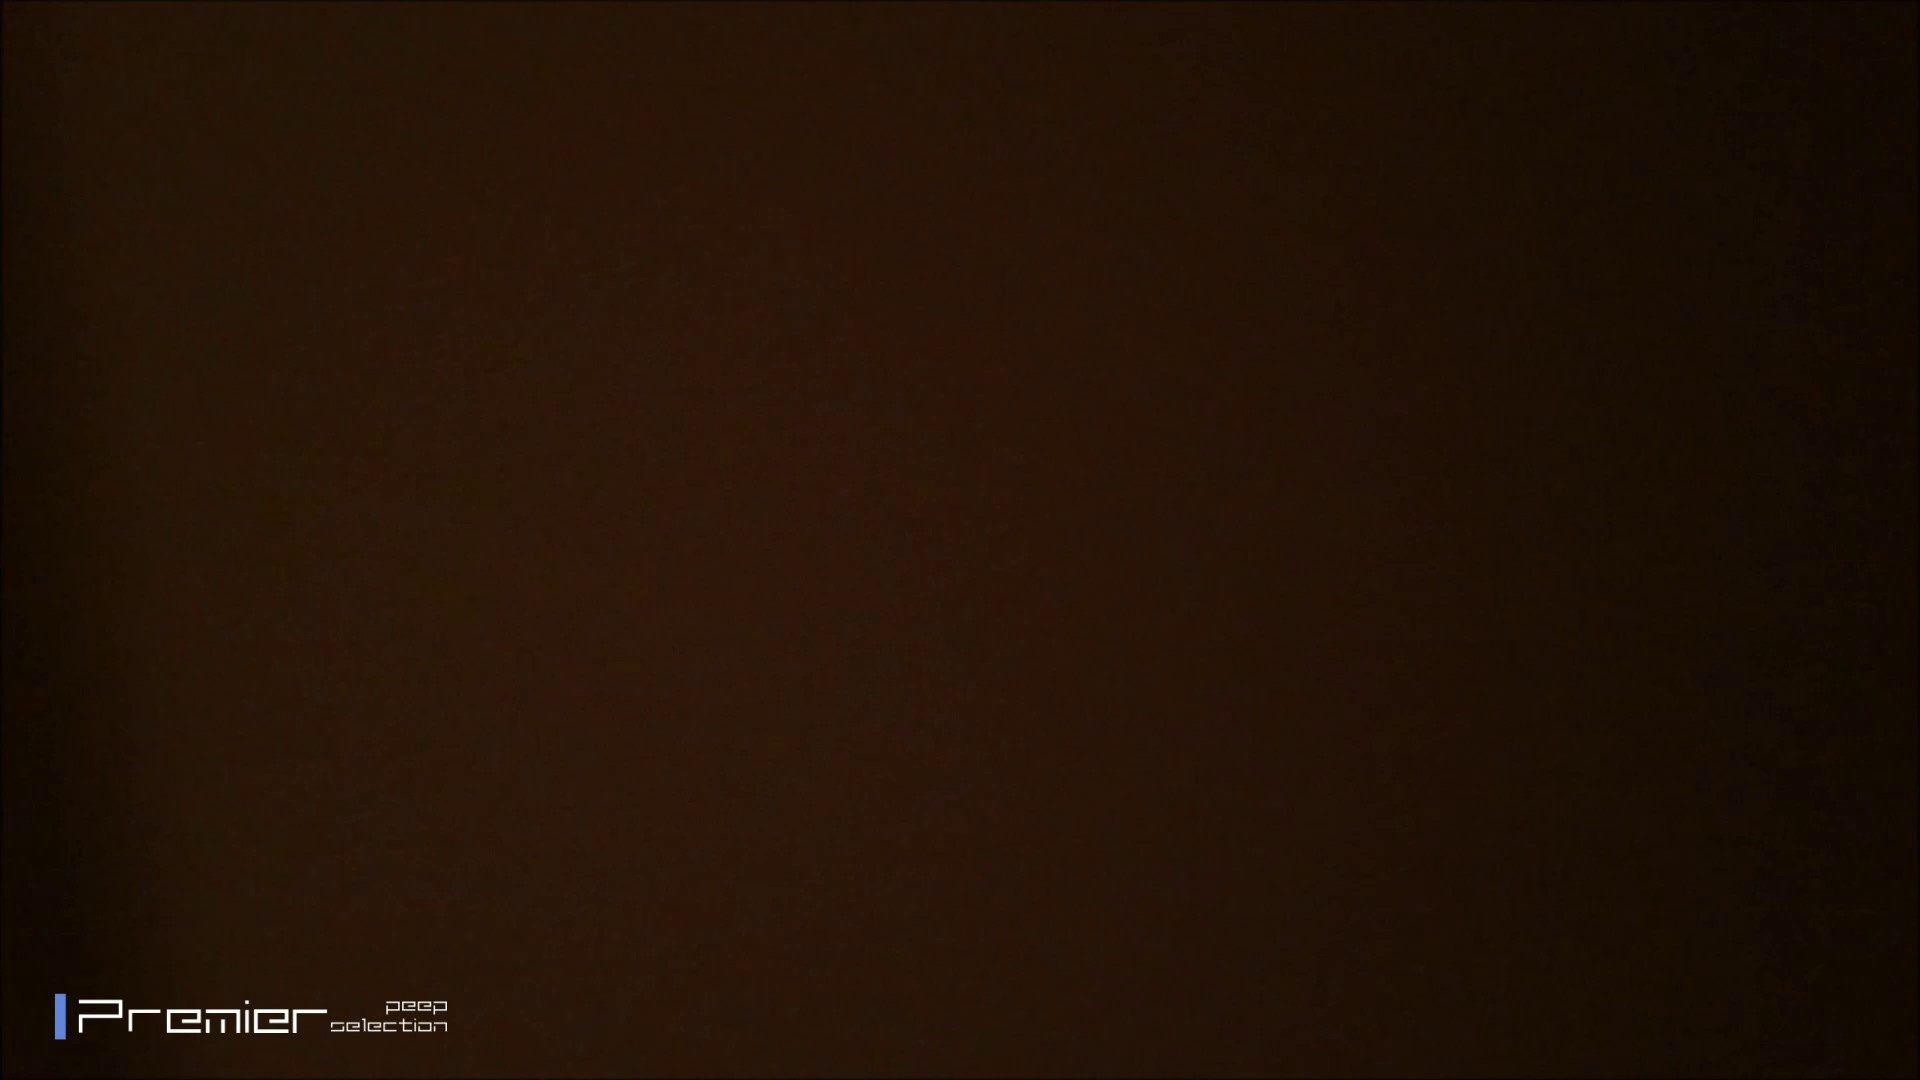 シャワーのお湯を跳ね返すお肌 乙女の風呂場 Vol.03 シャワー セックス無修正動画無料 98連発 76